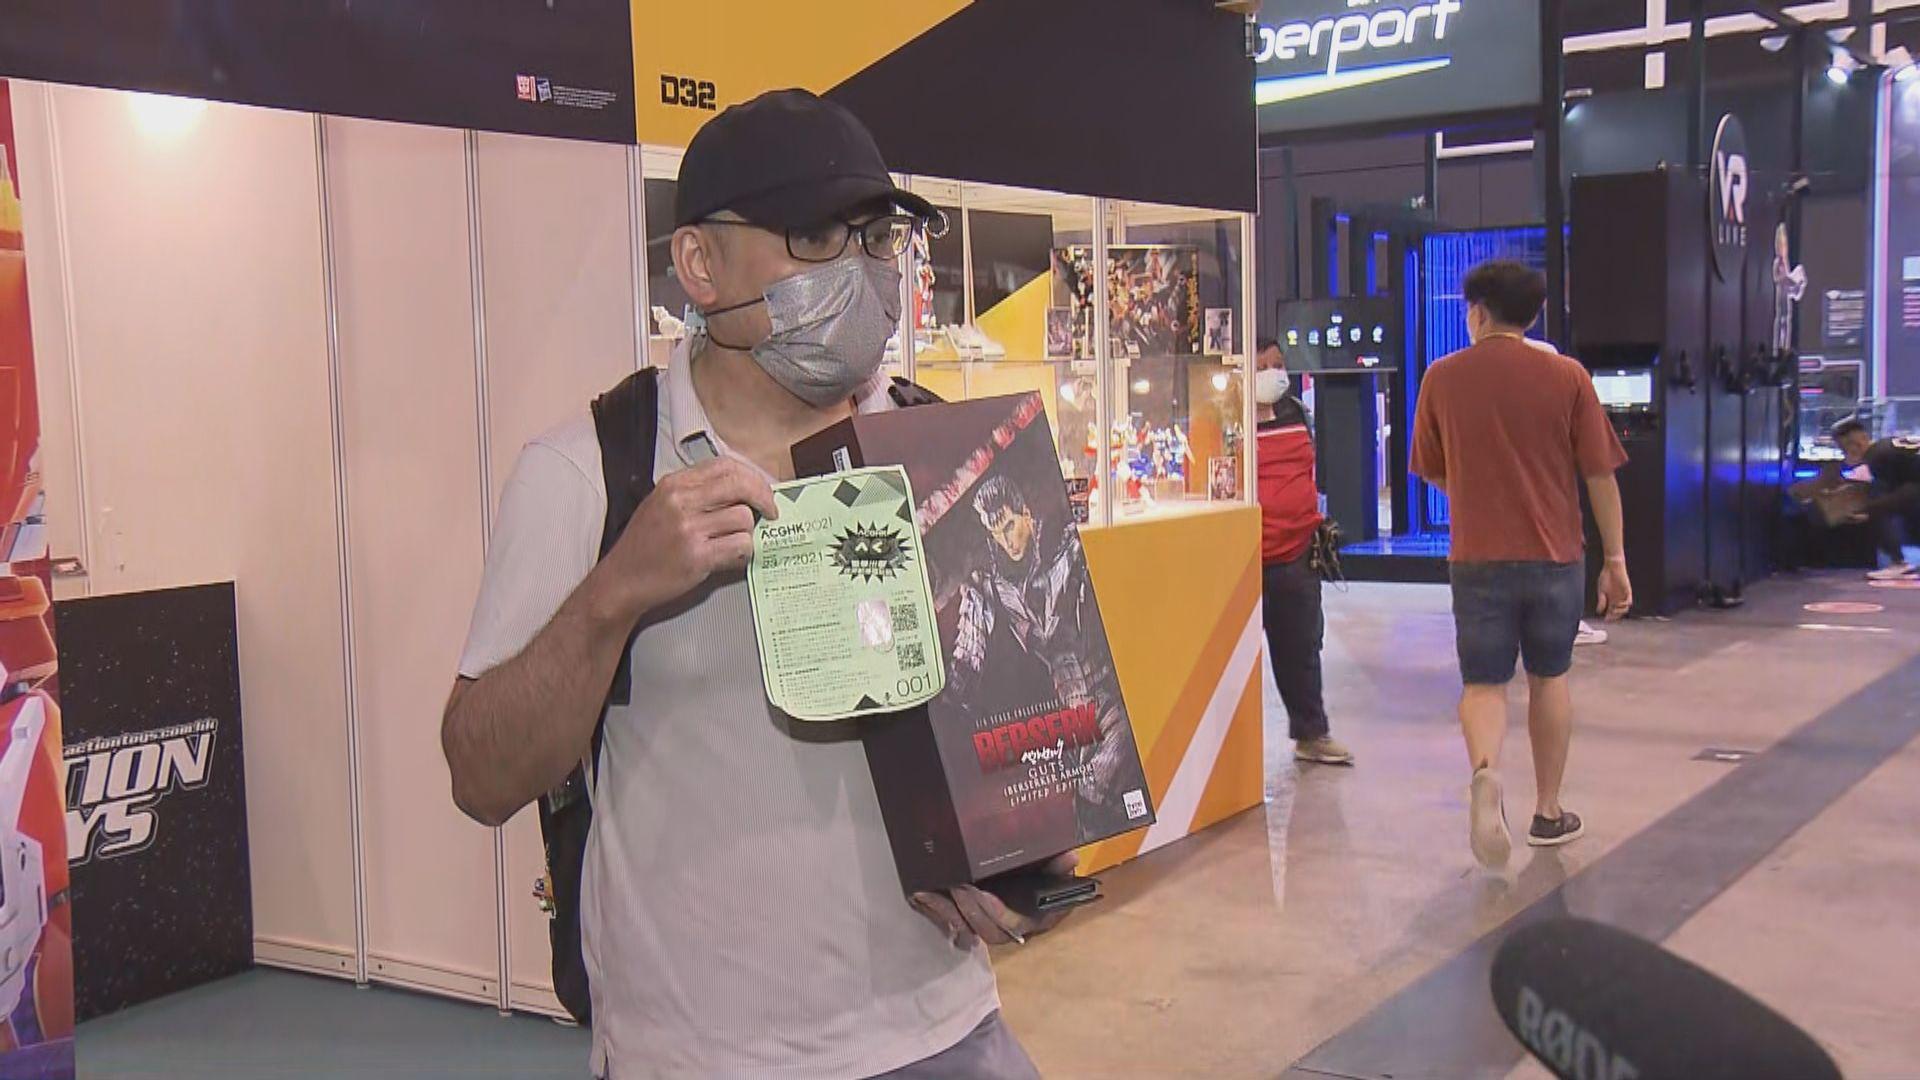 香港動漫電玩節開幕 首次抽籤派籌首500個入場名額